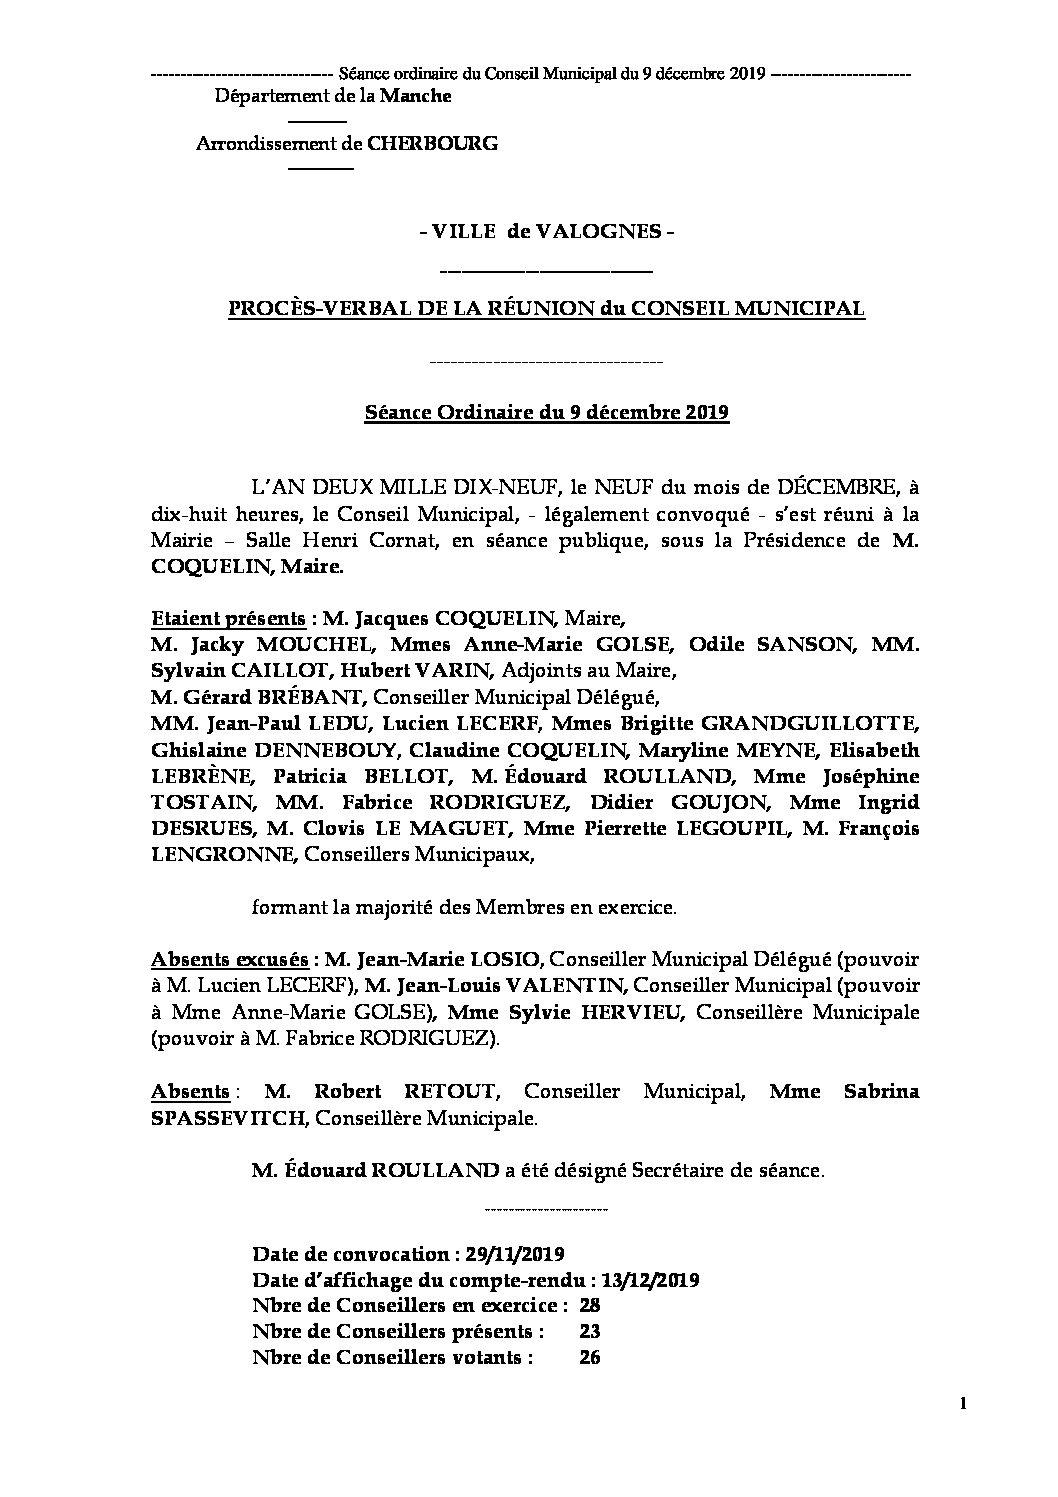 Procès-verbal de séance 09 12 19 - Procès-verbal de la réunion ordinaire du Conseil Municipal du 9 décembre 2019, approuvé à l